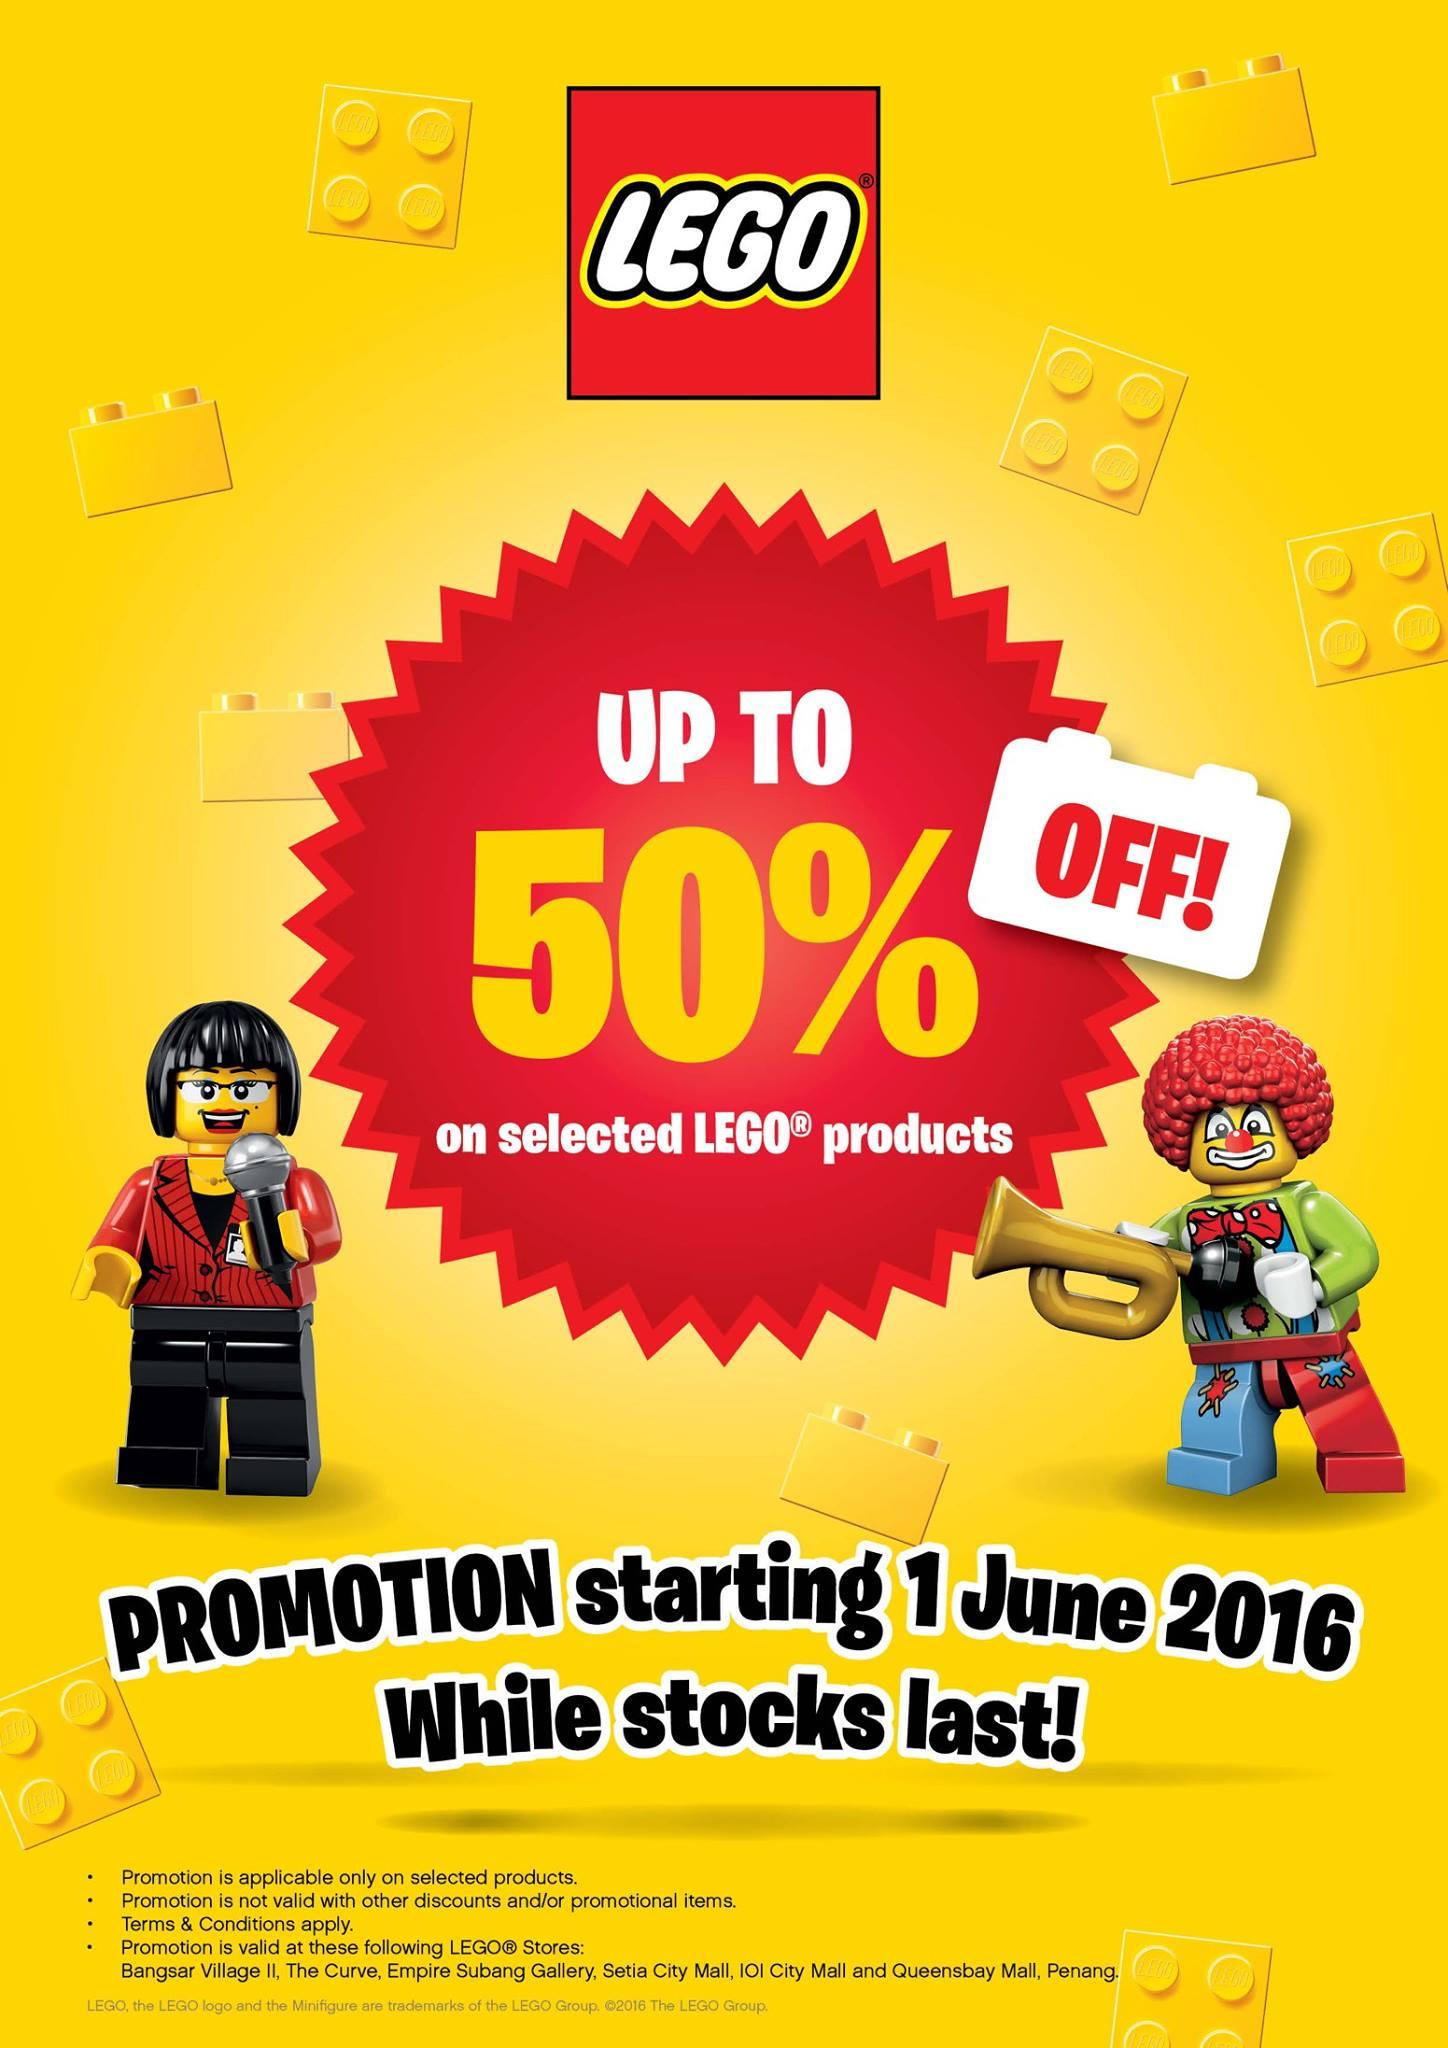 promotion lego